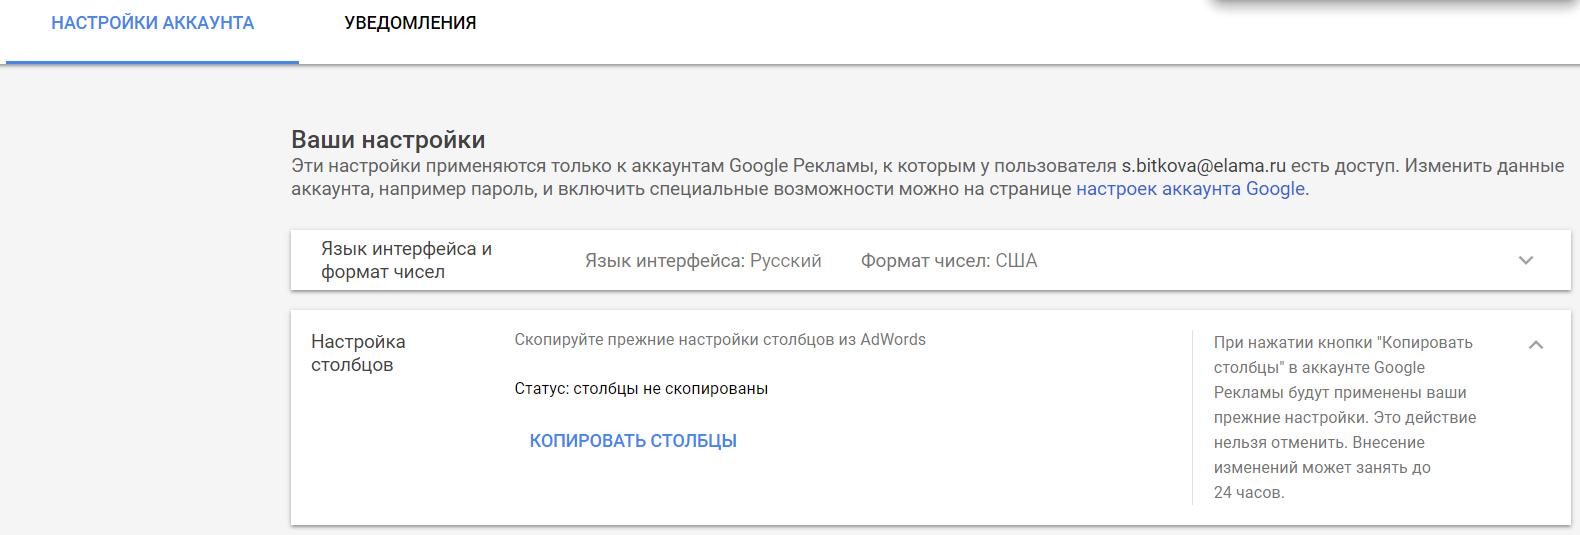 Перенос настроек столбцов в Google Adwords